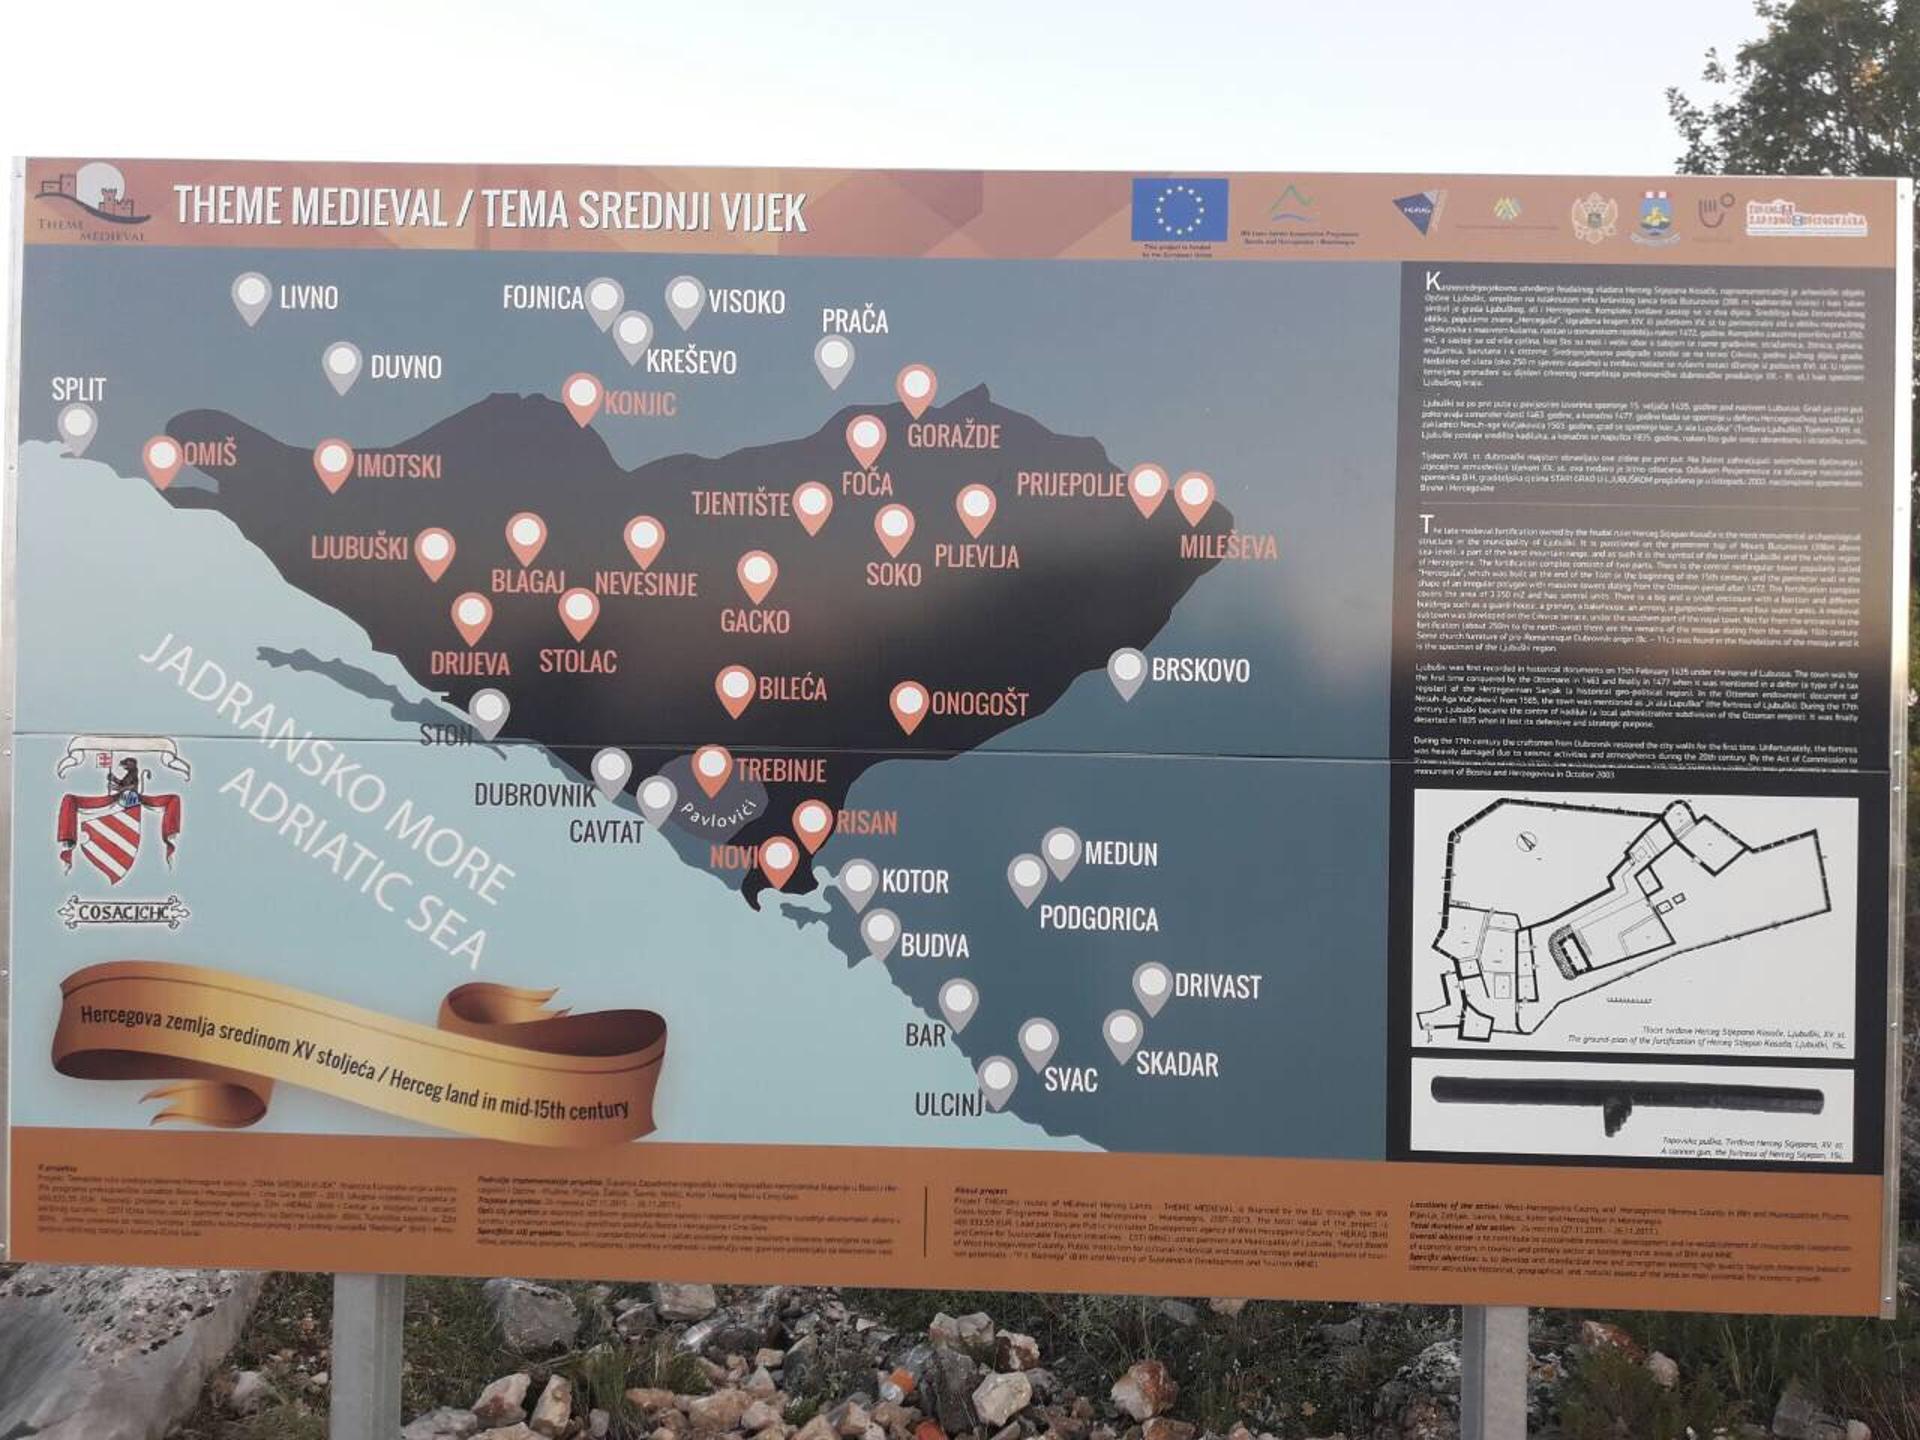 U Hercegovinu se postavlja 47 turističkih putokaza, 20 u ZH županiji i 27 u HN županiji